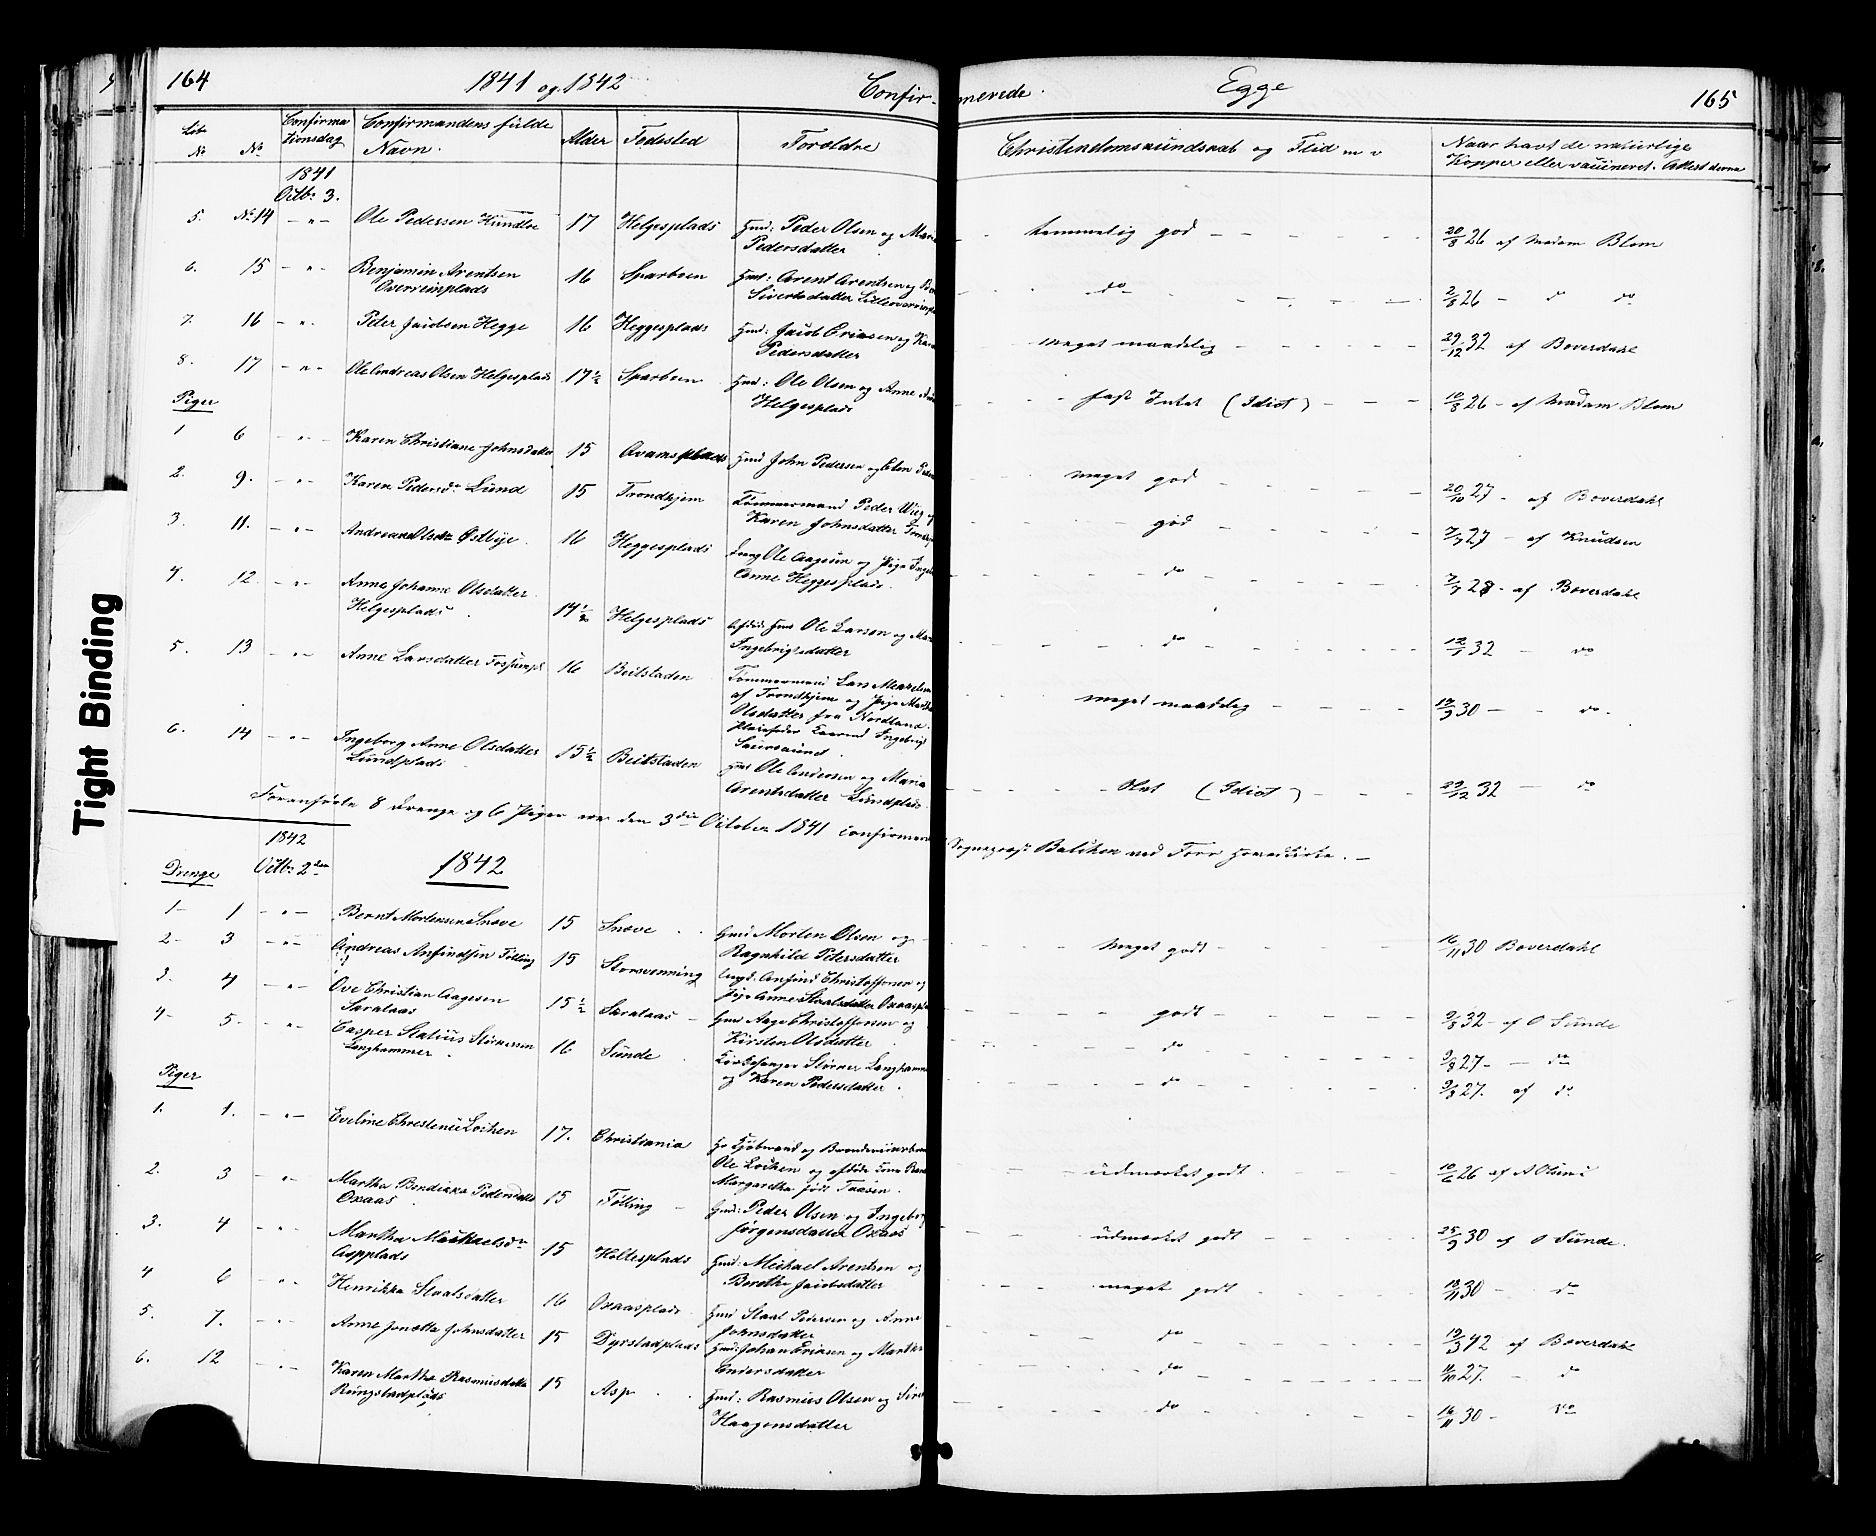 SAT, Ministerialprotokoller, klokkerbøker og fødselsregistre - Nord-Trøndelag, 739/L0367: Ministerialbok nr. 739A01 /3, 1838-1868, s. 164-165